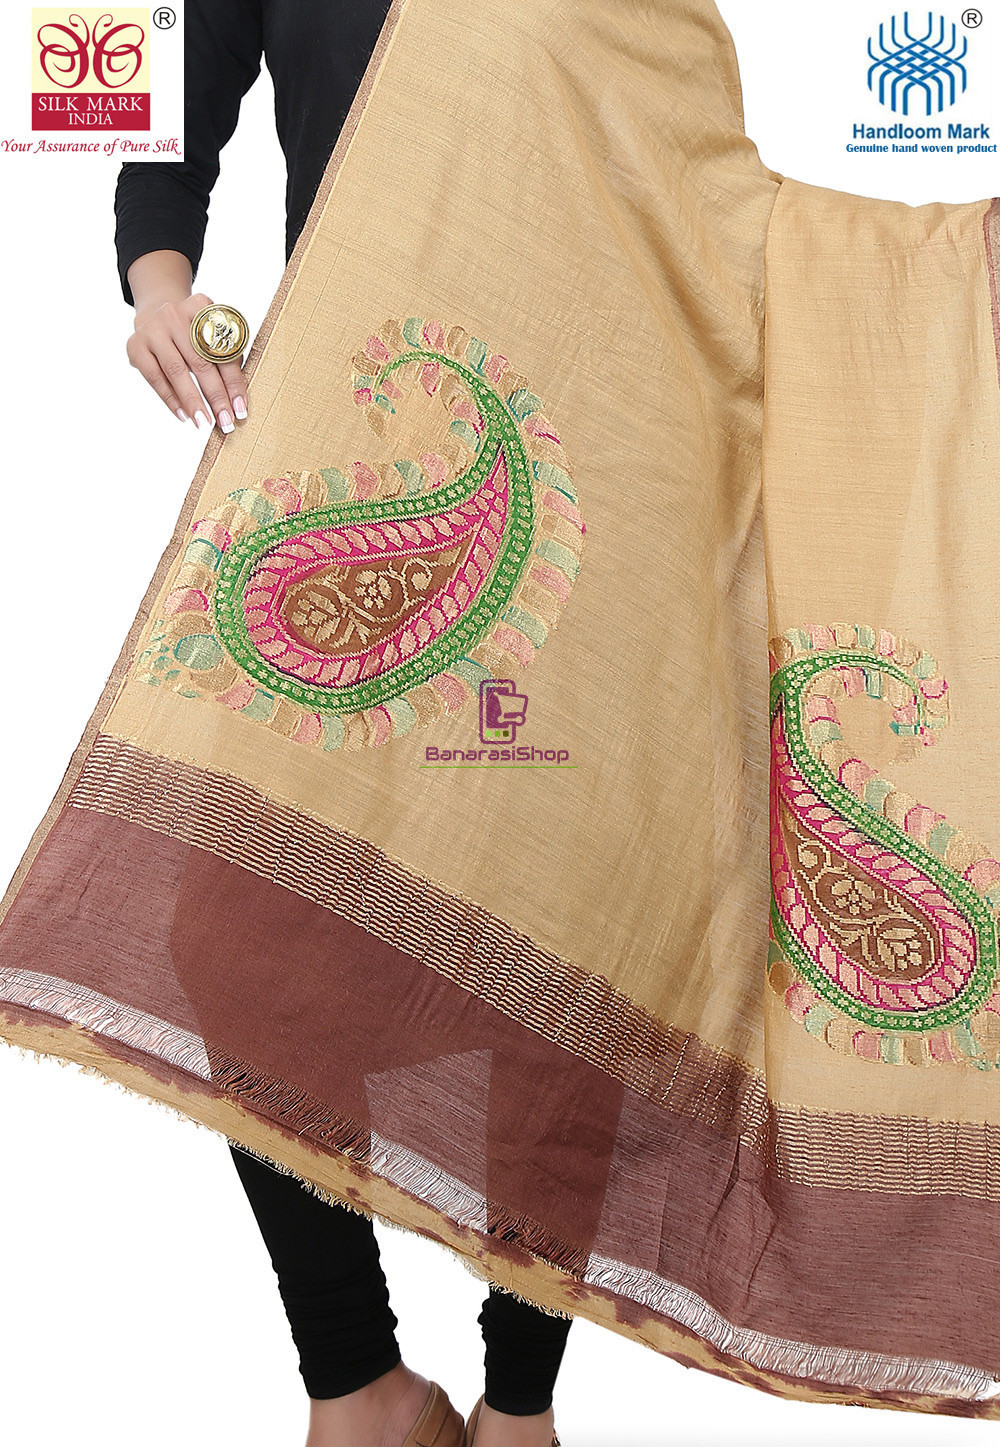 Handloom Banarasi Pure Muga Silk Dupatta in Beige 2